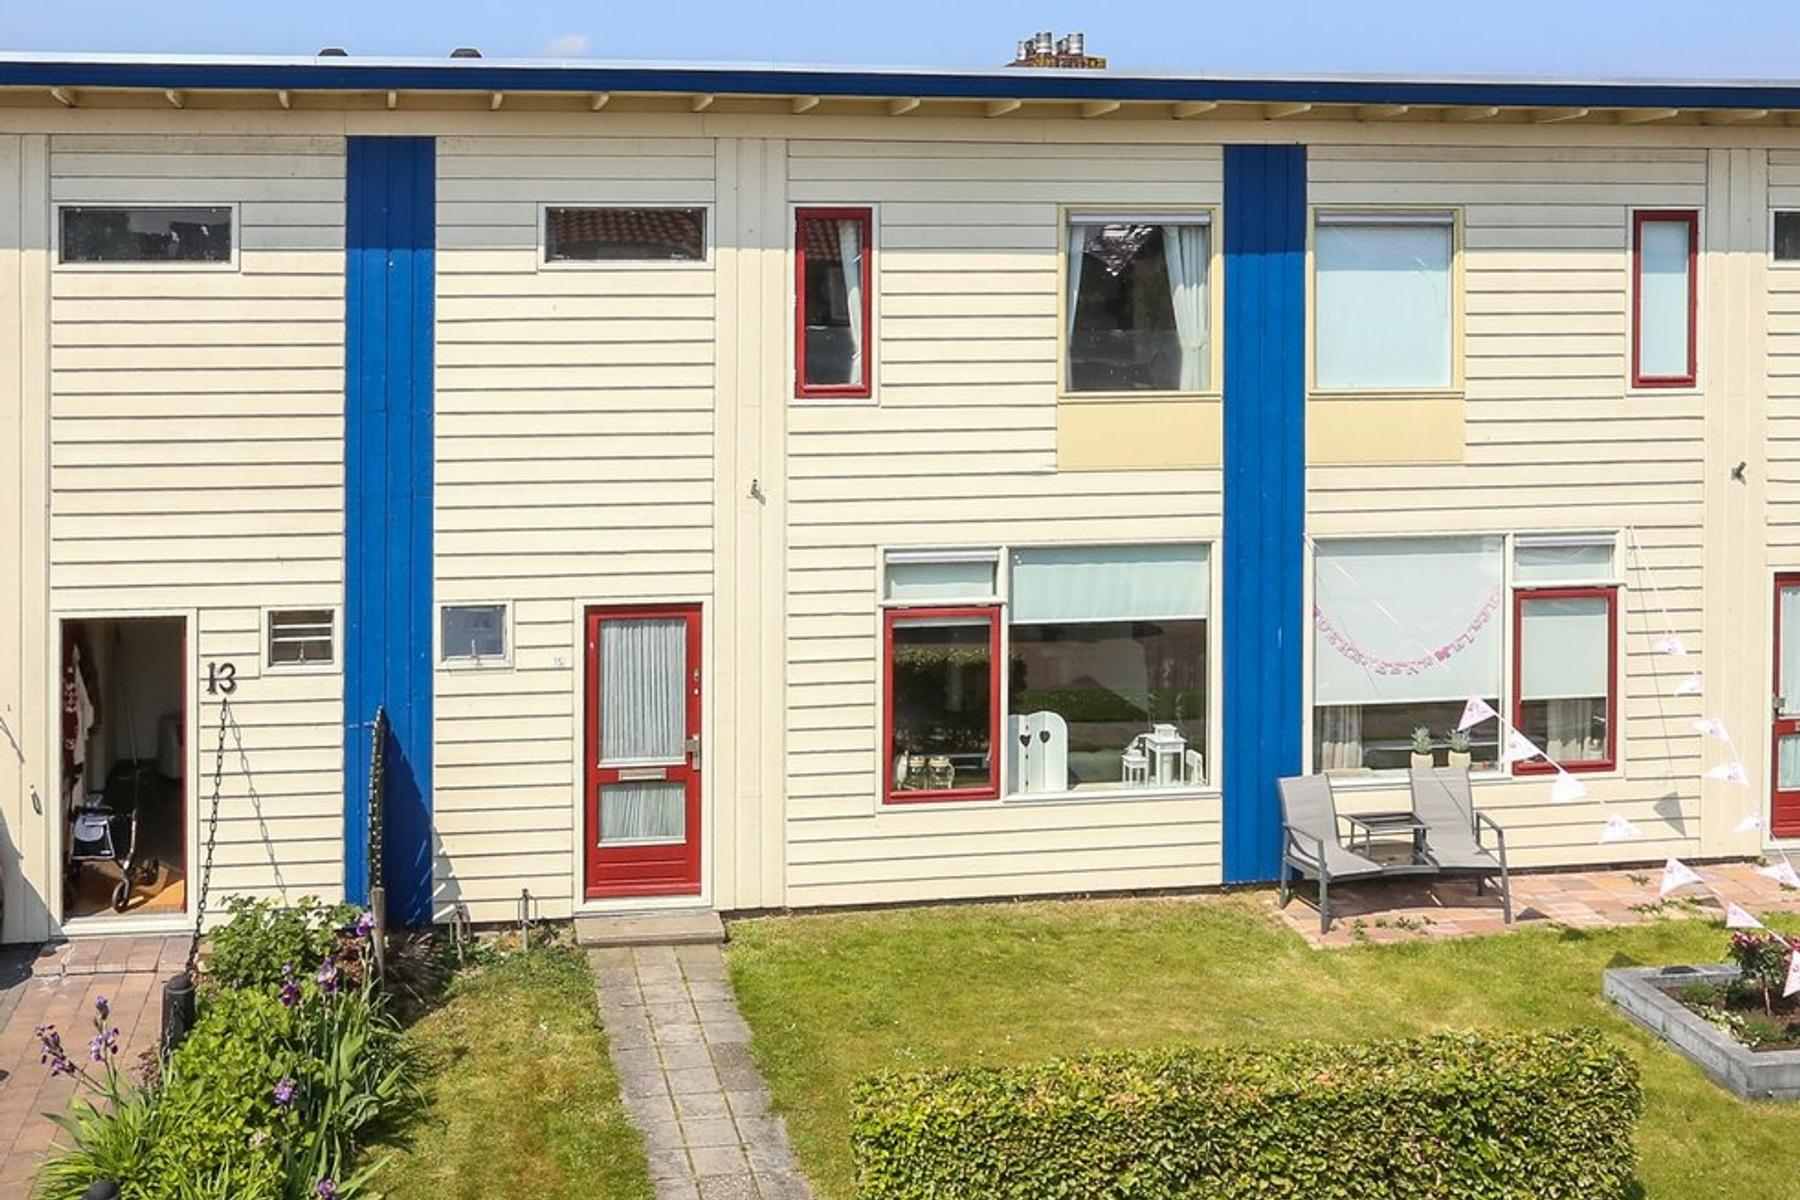 Zuster Jacobsstraat 15 in Echtenerbrug 8539 SP